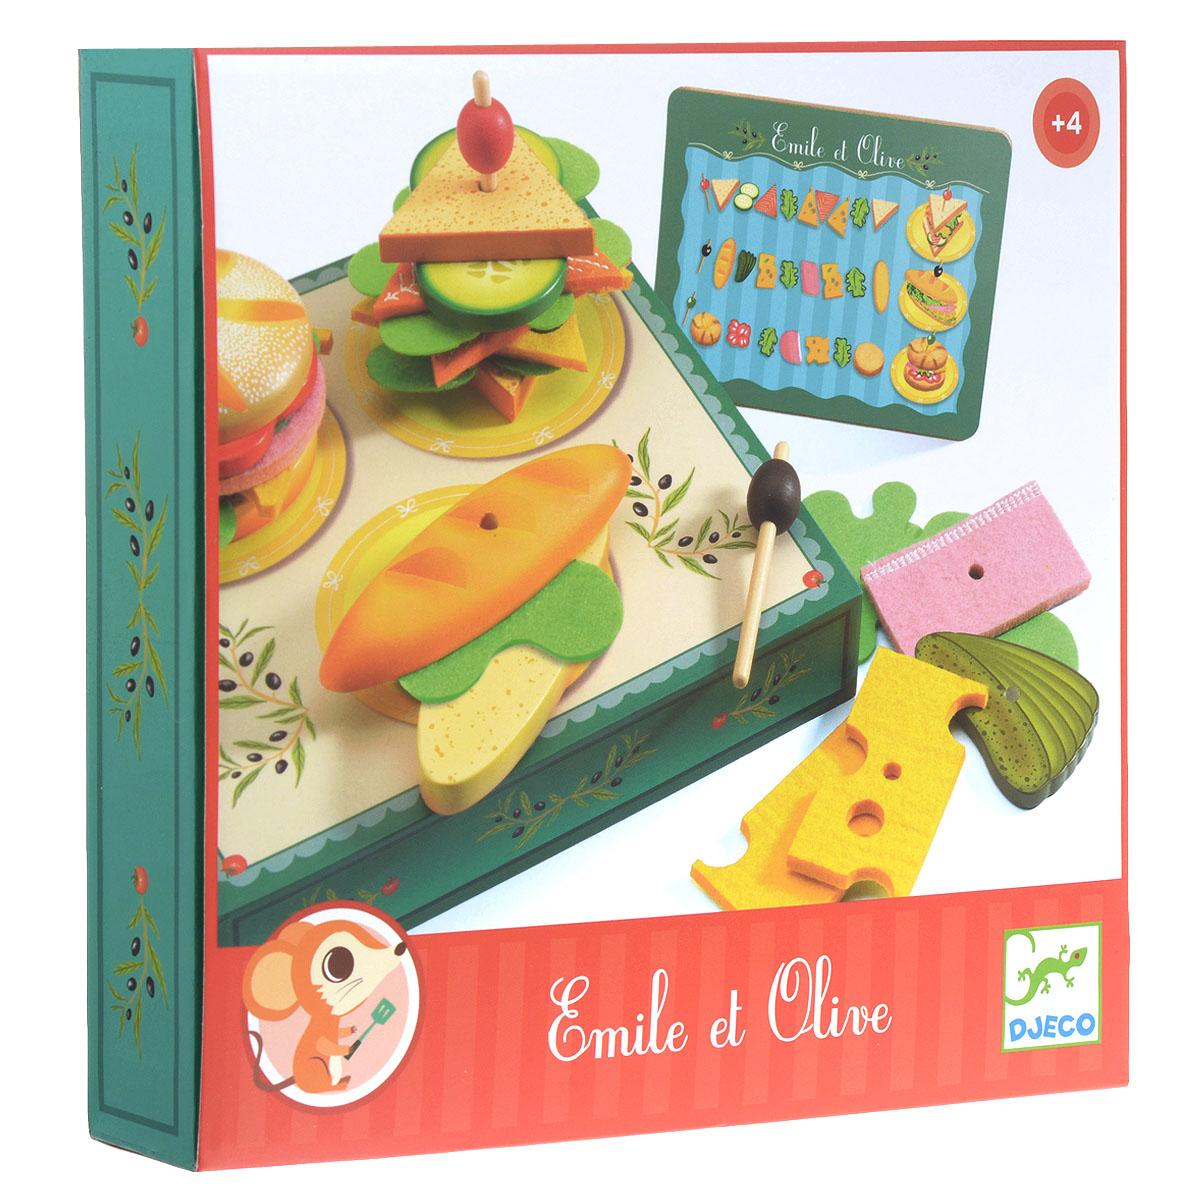 """Игровой набор Djeco """"Сэндвичи от Эмиля и Олив"""" - замечательный набор для сюжетно-ролевой игры. В нем ваш ребенок найдет все самое необходимое для того, чтобы приготовить и накормить свои любимые игрушки вкусными бутербродами. Рецепт прост - два кусочка булки, сыр, салат и то, что нравится каждому в особенности. Набор включает коробочку с изображением поваров за рабочим столом на одной стороне и рабочей поверхностью для приготовления бутербродов на другой, 3 двойных основы для бутербродов в виде булочек, 3 двусторонних деревянных элемента и текстильные элементы в виде различных начинок, 3 шпажки для канапе и карточку с примерами сочетания основ с начинками. Элементы набора выполнены из высококачественного дерева. Ваш ребенок будет в восторге от такого подарка!"""